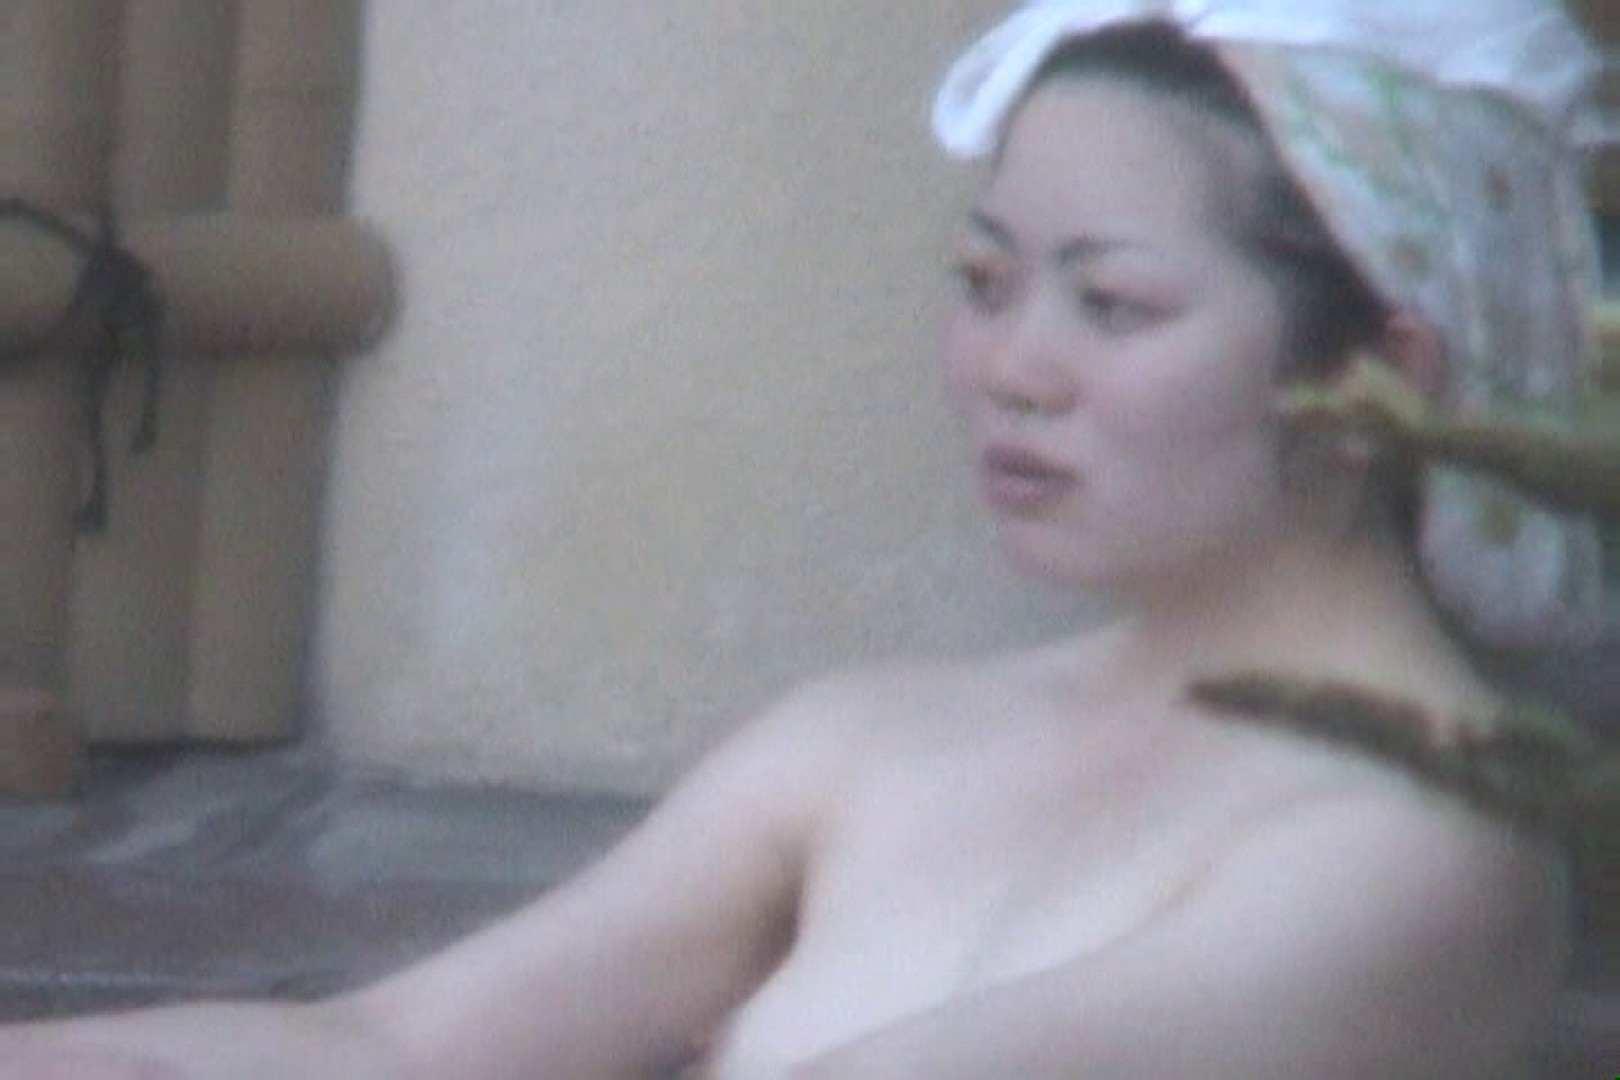 Aquaな露天風呂Vol.86【VIP限定】 盗撮師作品   美しいOLの裸体  94pic 88